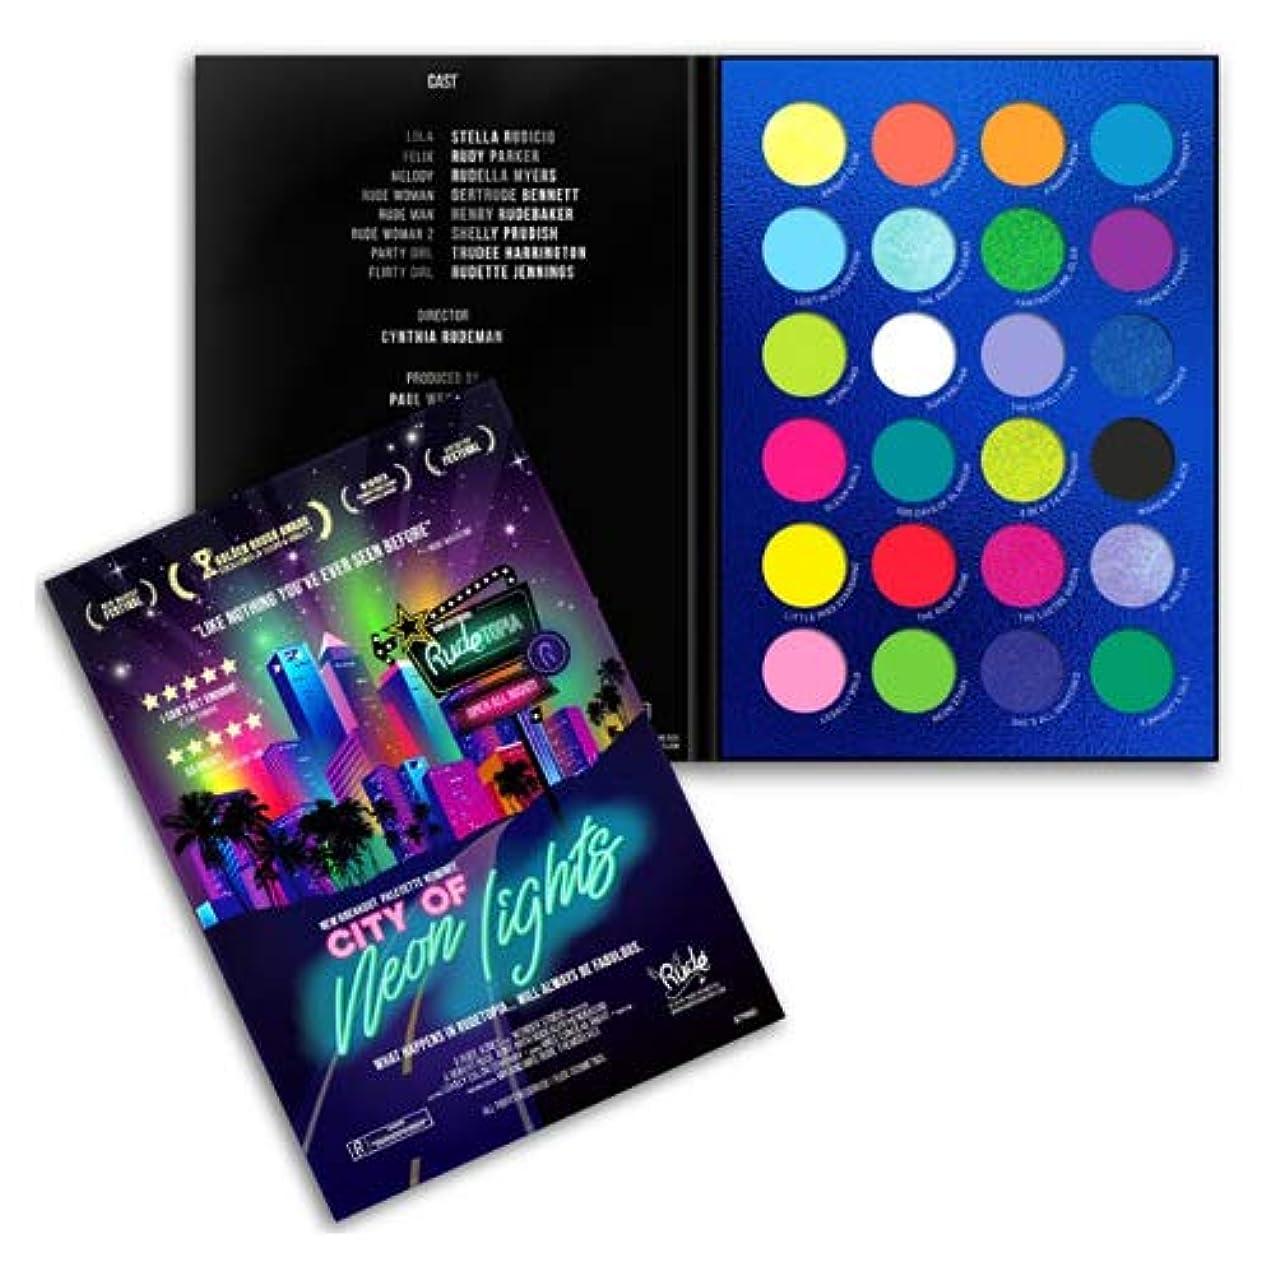 しゃがむネスト追い払うRUDE City of Neon Lights - 24 Vibrant Pigment & Eyeshadow Palette (3 Pack) (並行輸入品)